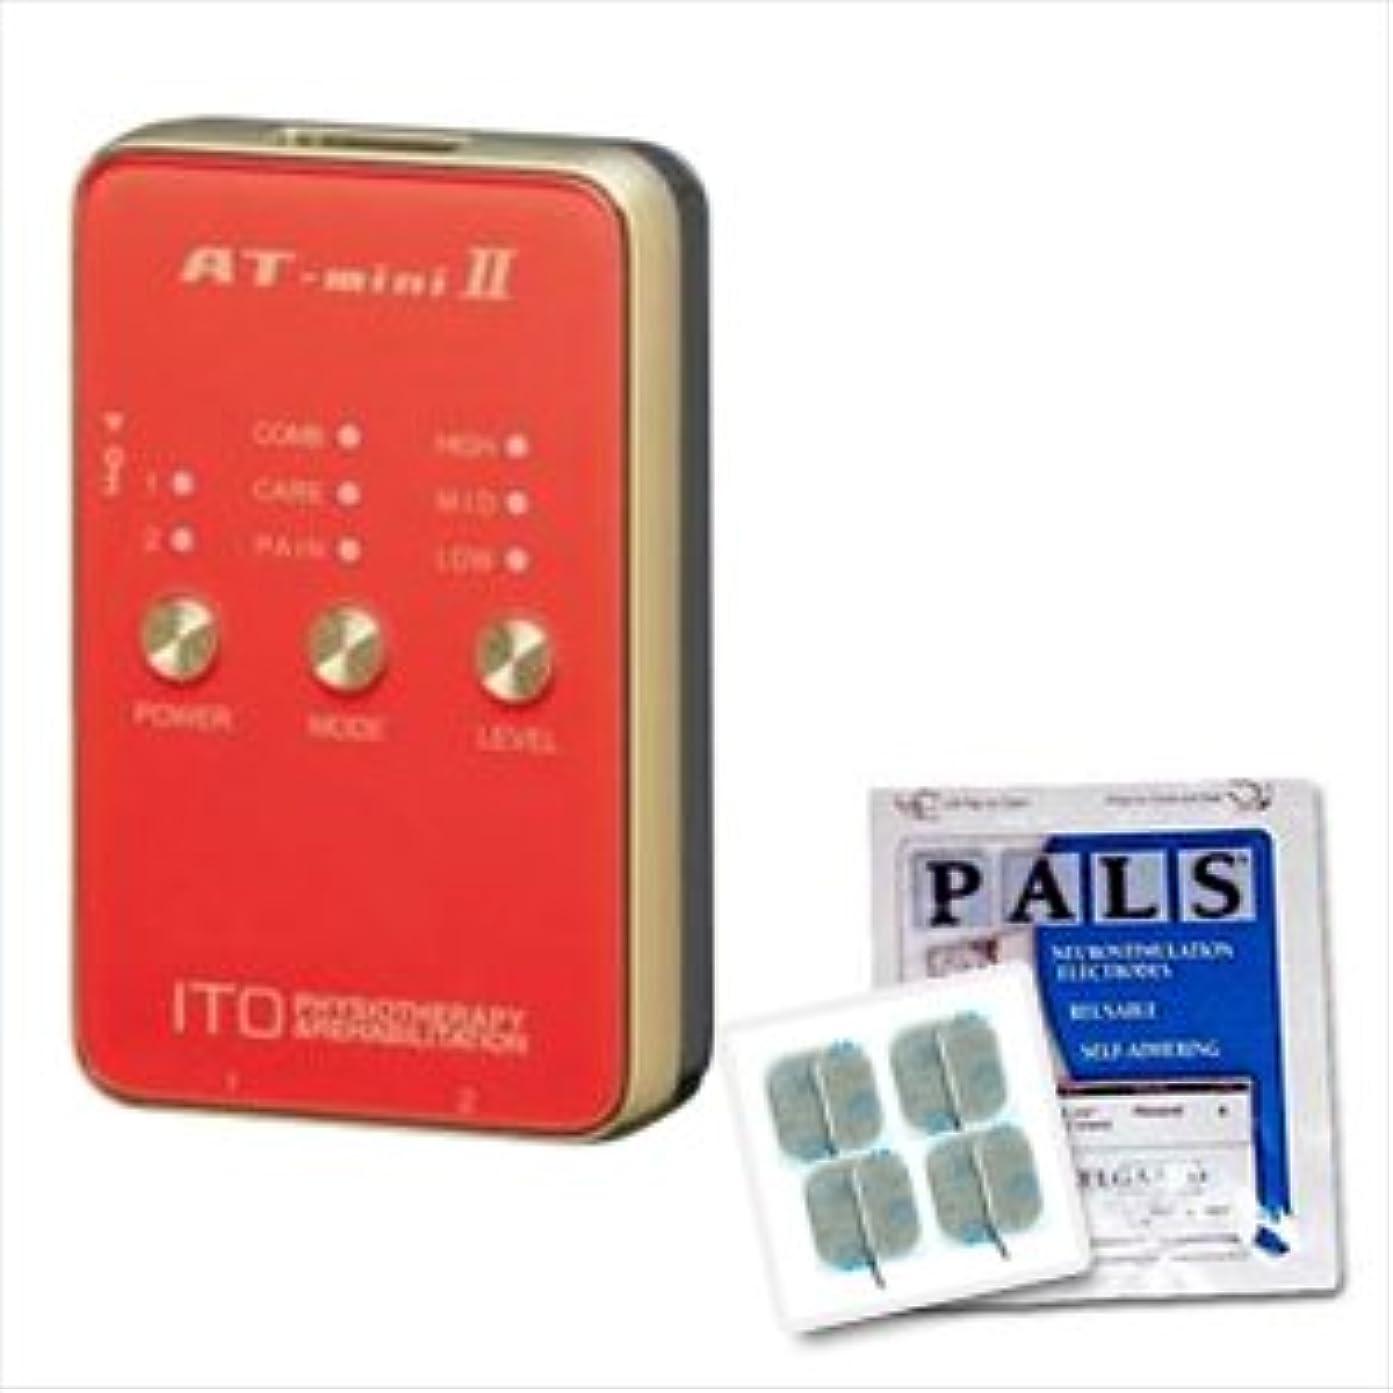 教授彫る排除する低周波治療器 AT-mini II オレンジ +アクセルガードMサイズ(5x5cm:1袋4枚入)セット